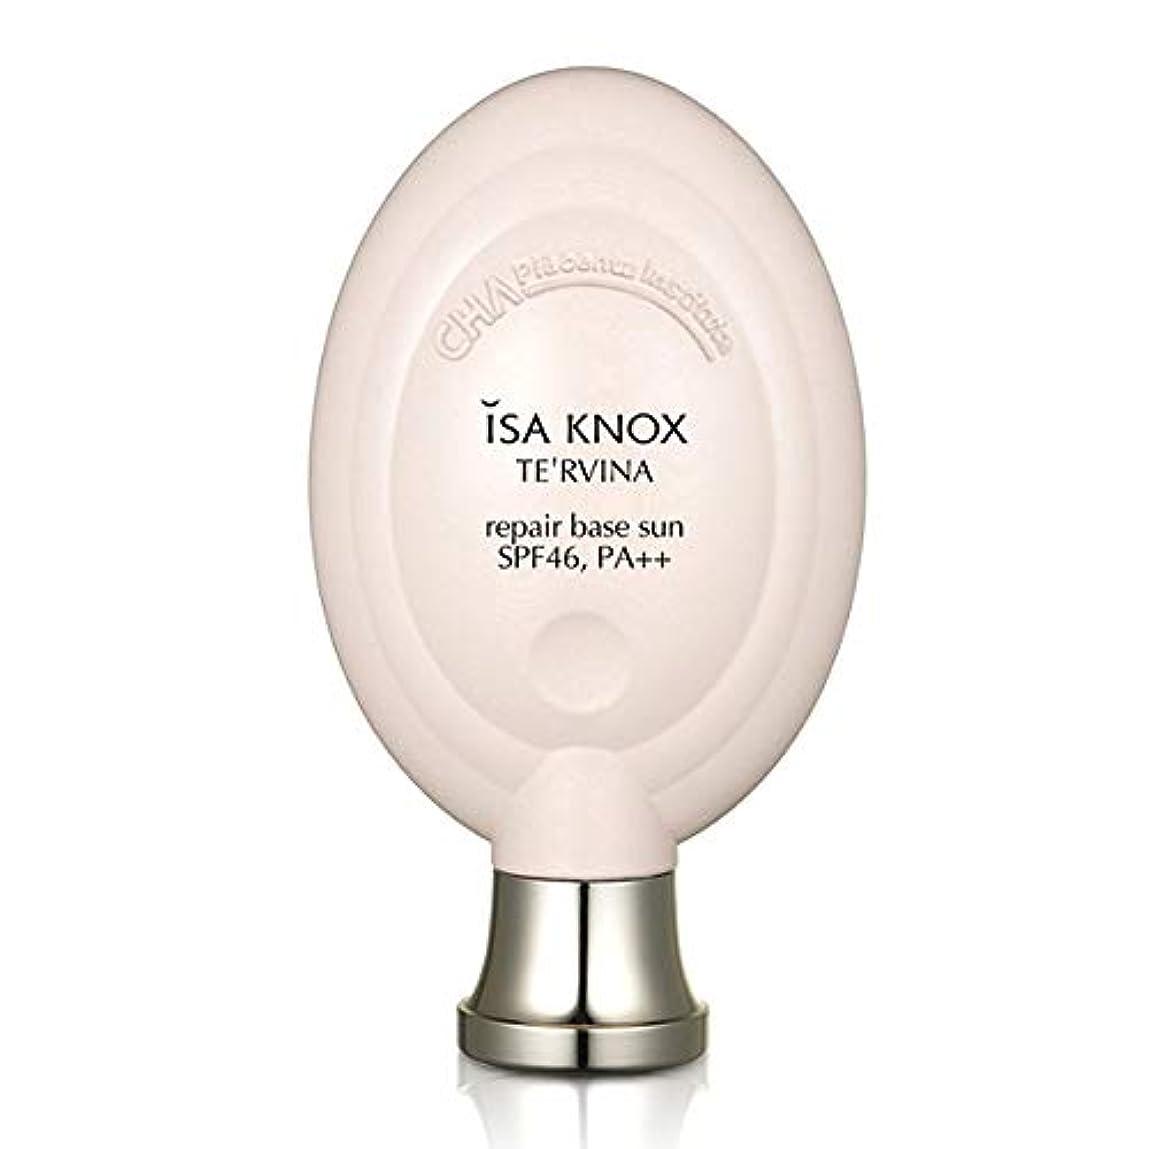 受信機フェード傾向イザノックス(ISA KNOX) テルビナ リペアベースサン(日焼け止めクリーム)